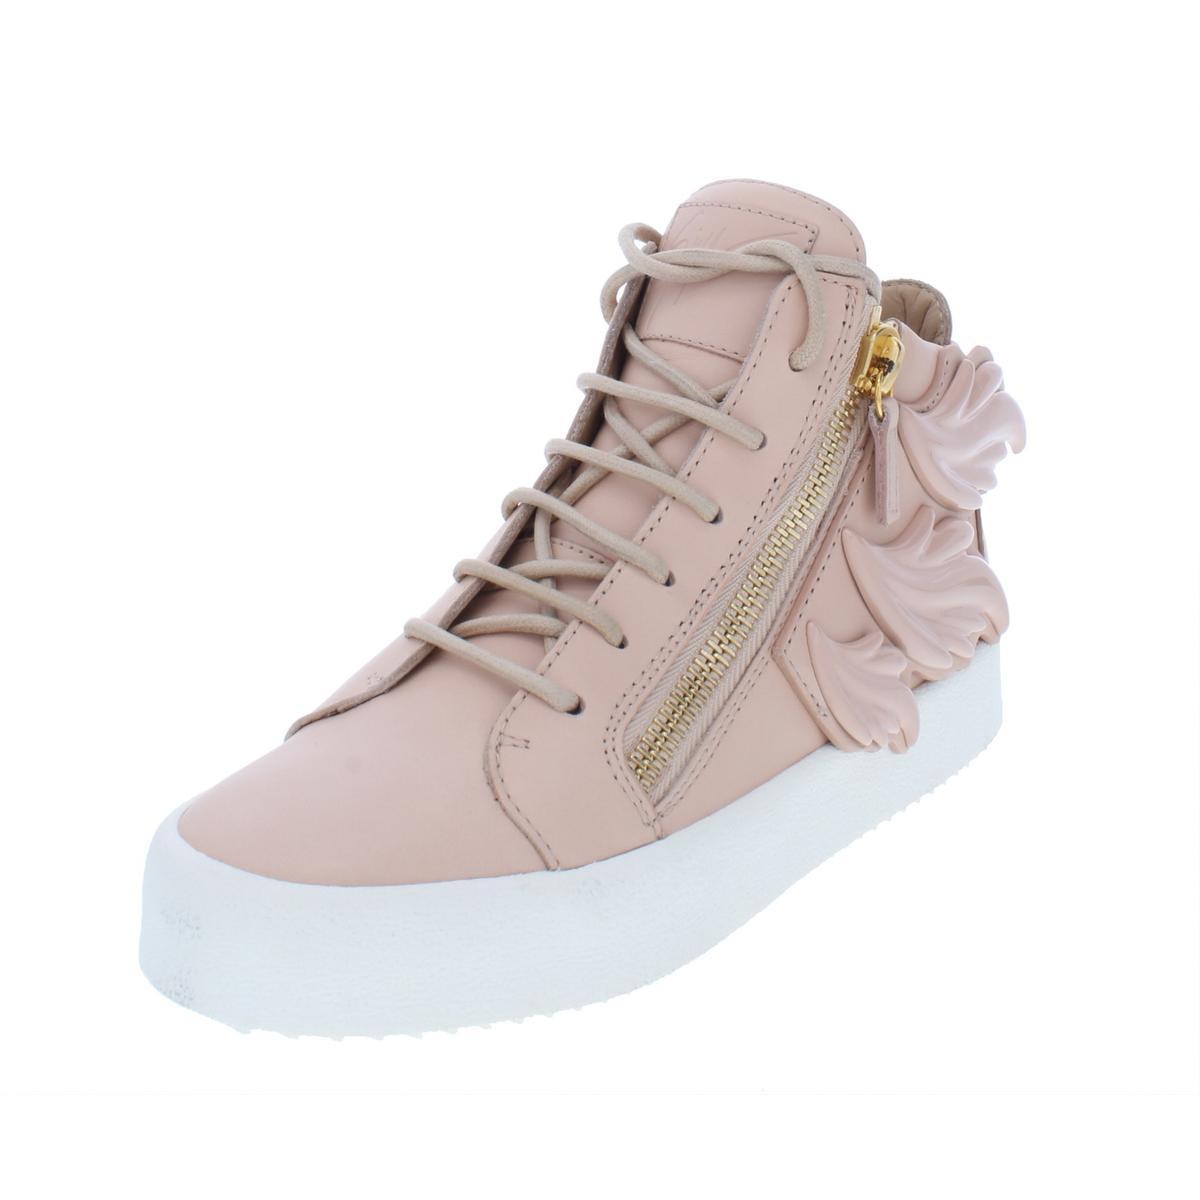 a3cc9b20757 Details about Giuseppe Zanotti Womens May London Pink Fashion Sneakers 36  Medium (B